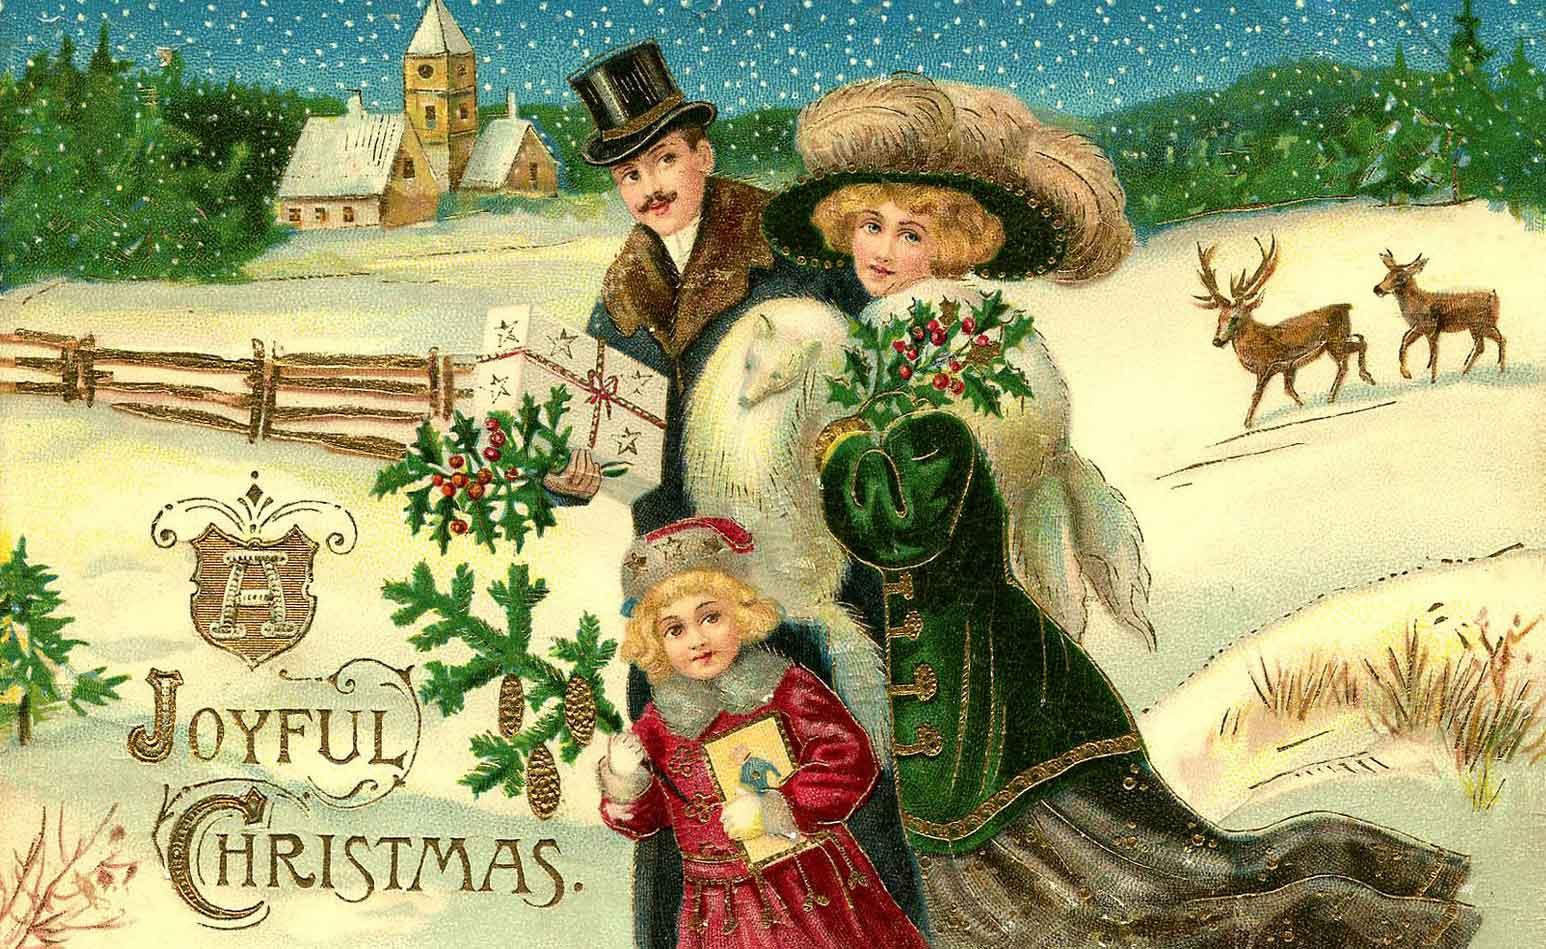 Immagini Di Cartoline Natalizie.Cartoline Natalizie Breve Storia Di Una Lunga Tradizione